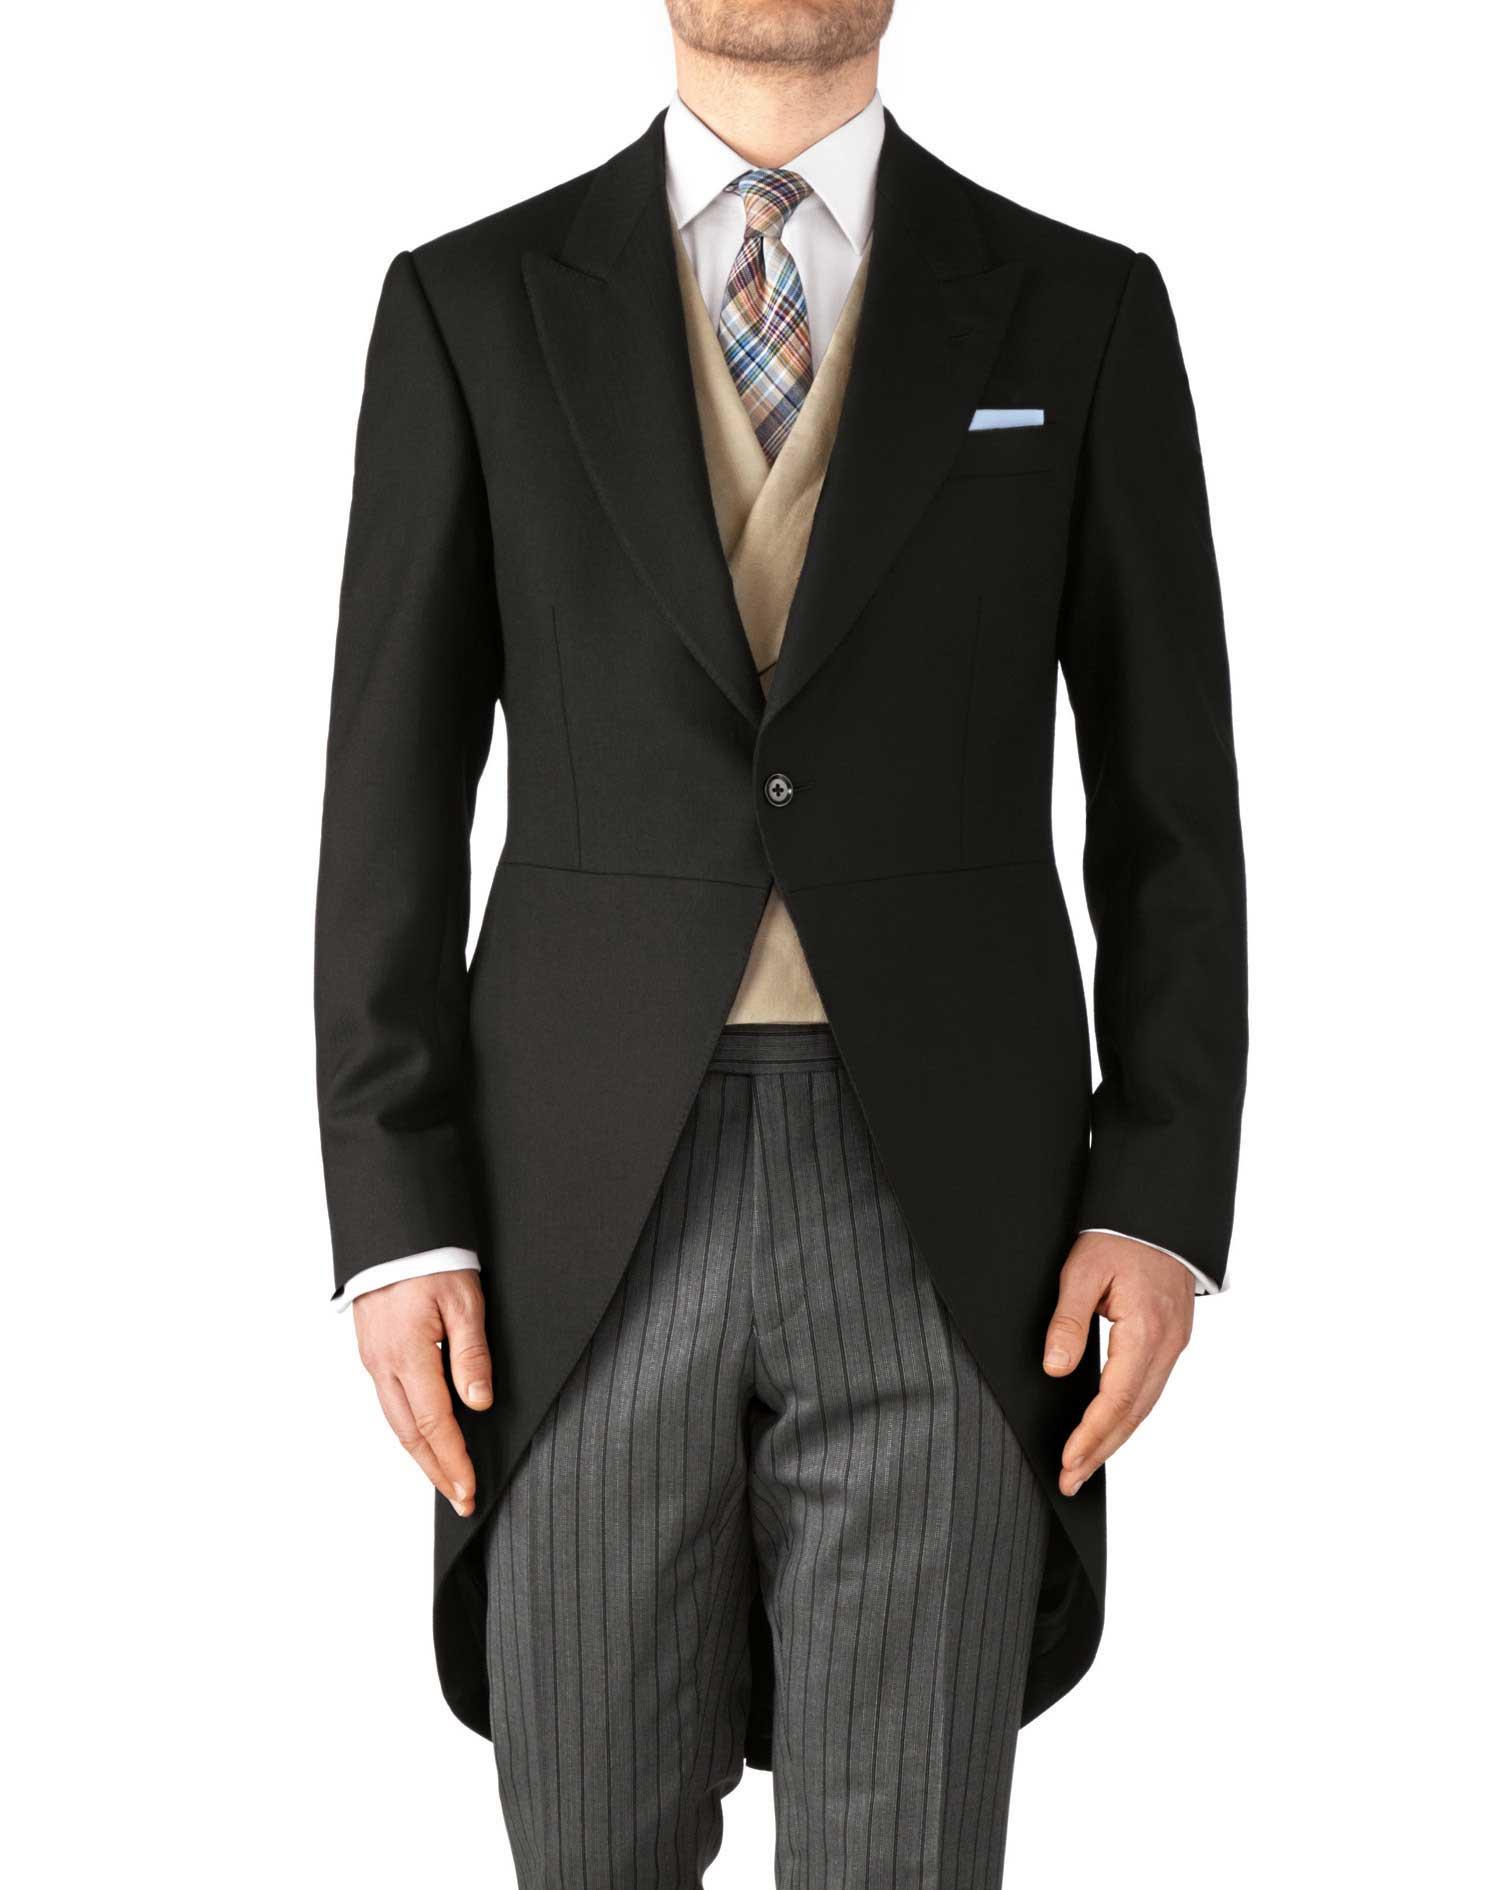 coat suit black classic fit morning suit tail coat HIXGNRG